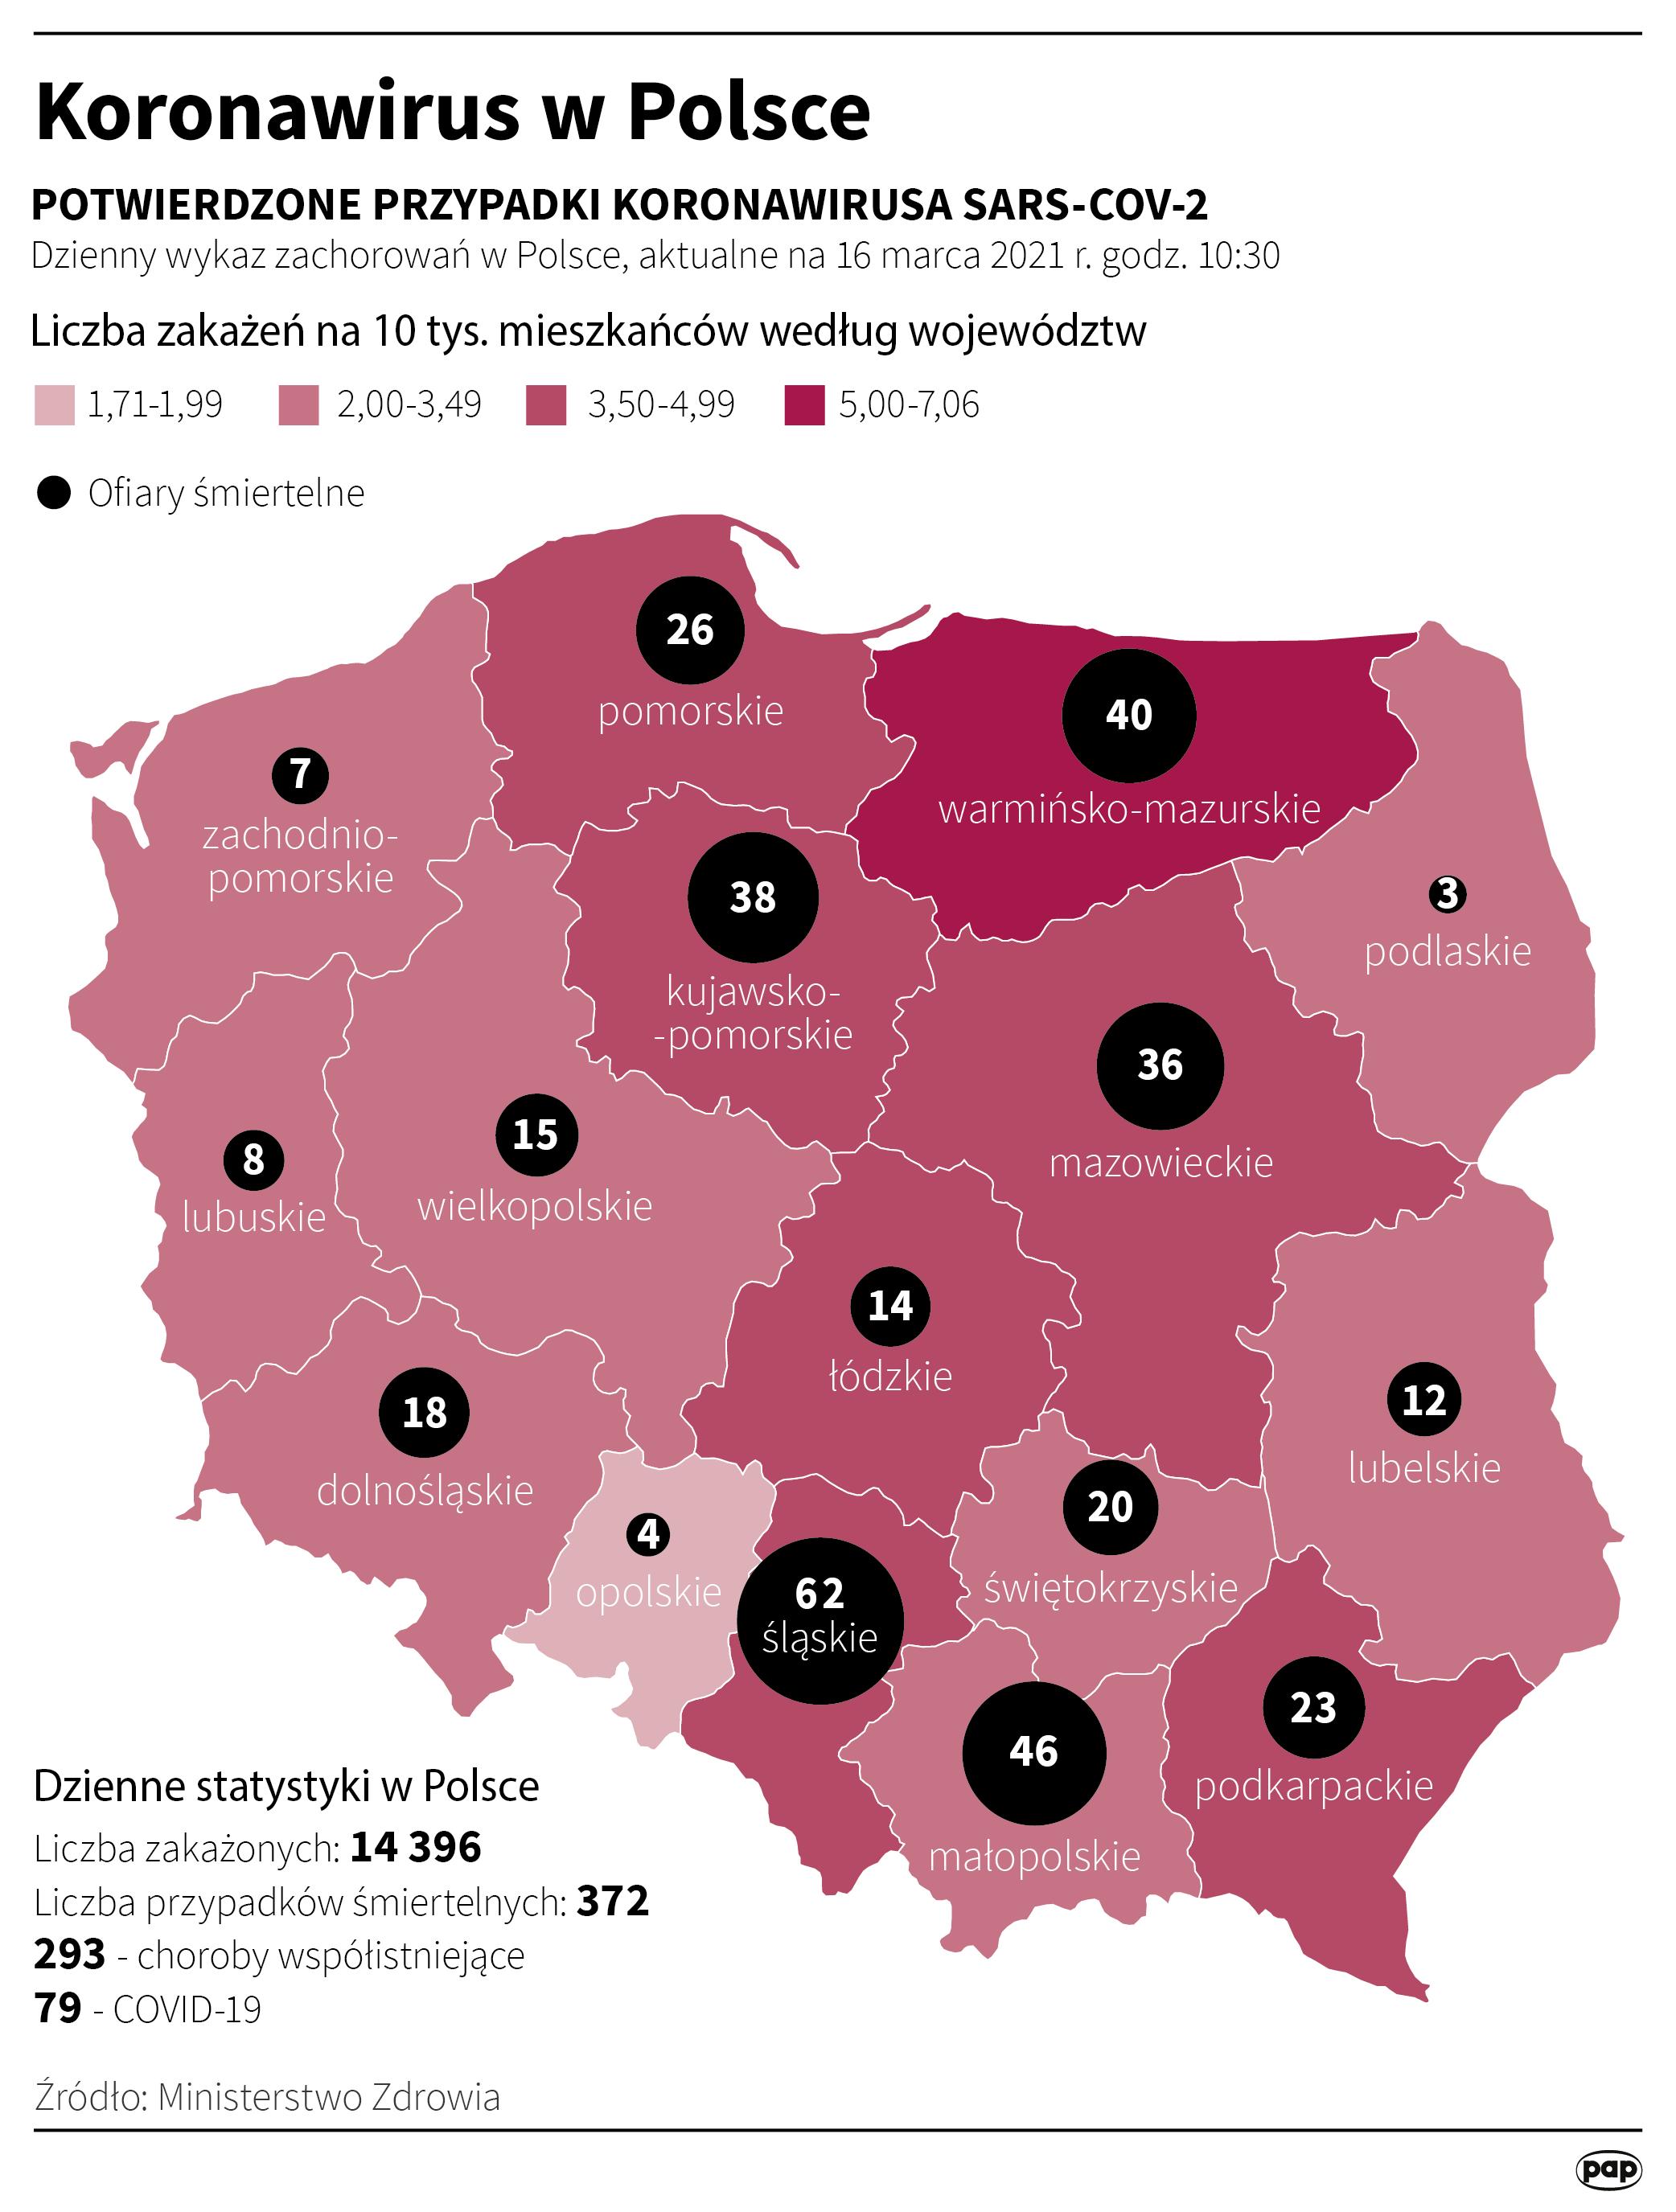 Koronawirus w Polsce stan na 16 marca [autor: Maciej Zieliński, źródło: PAP]